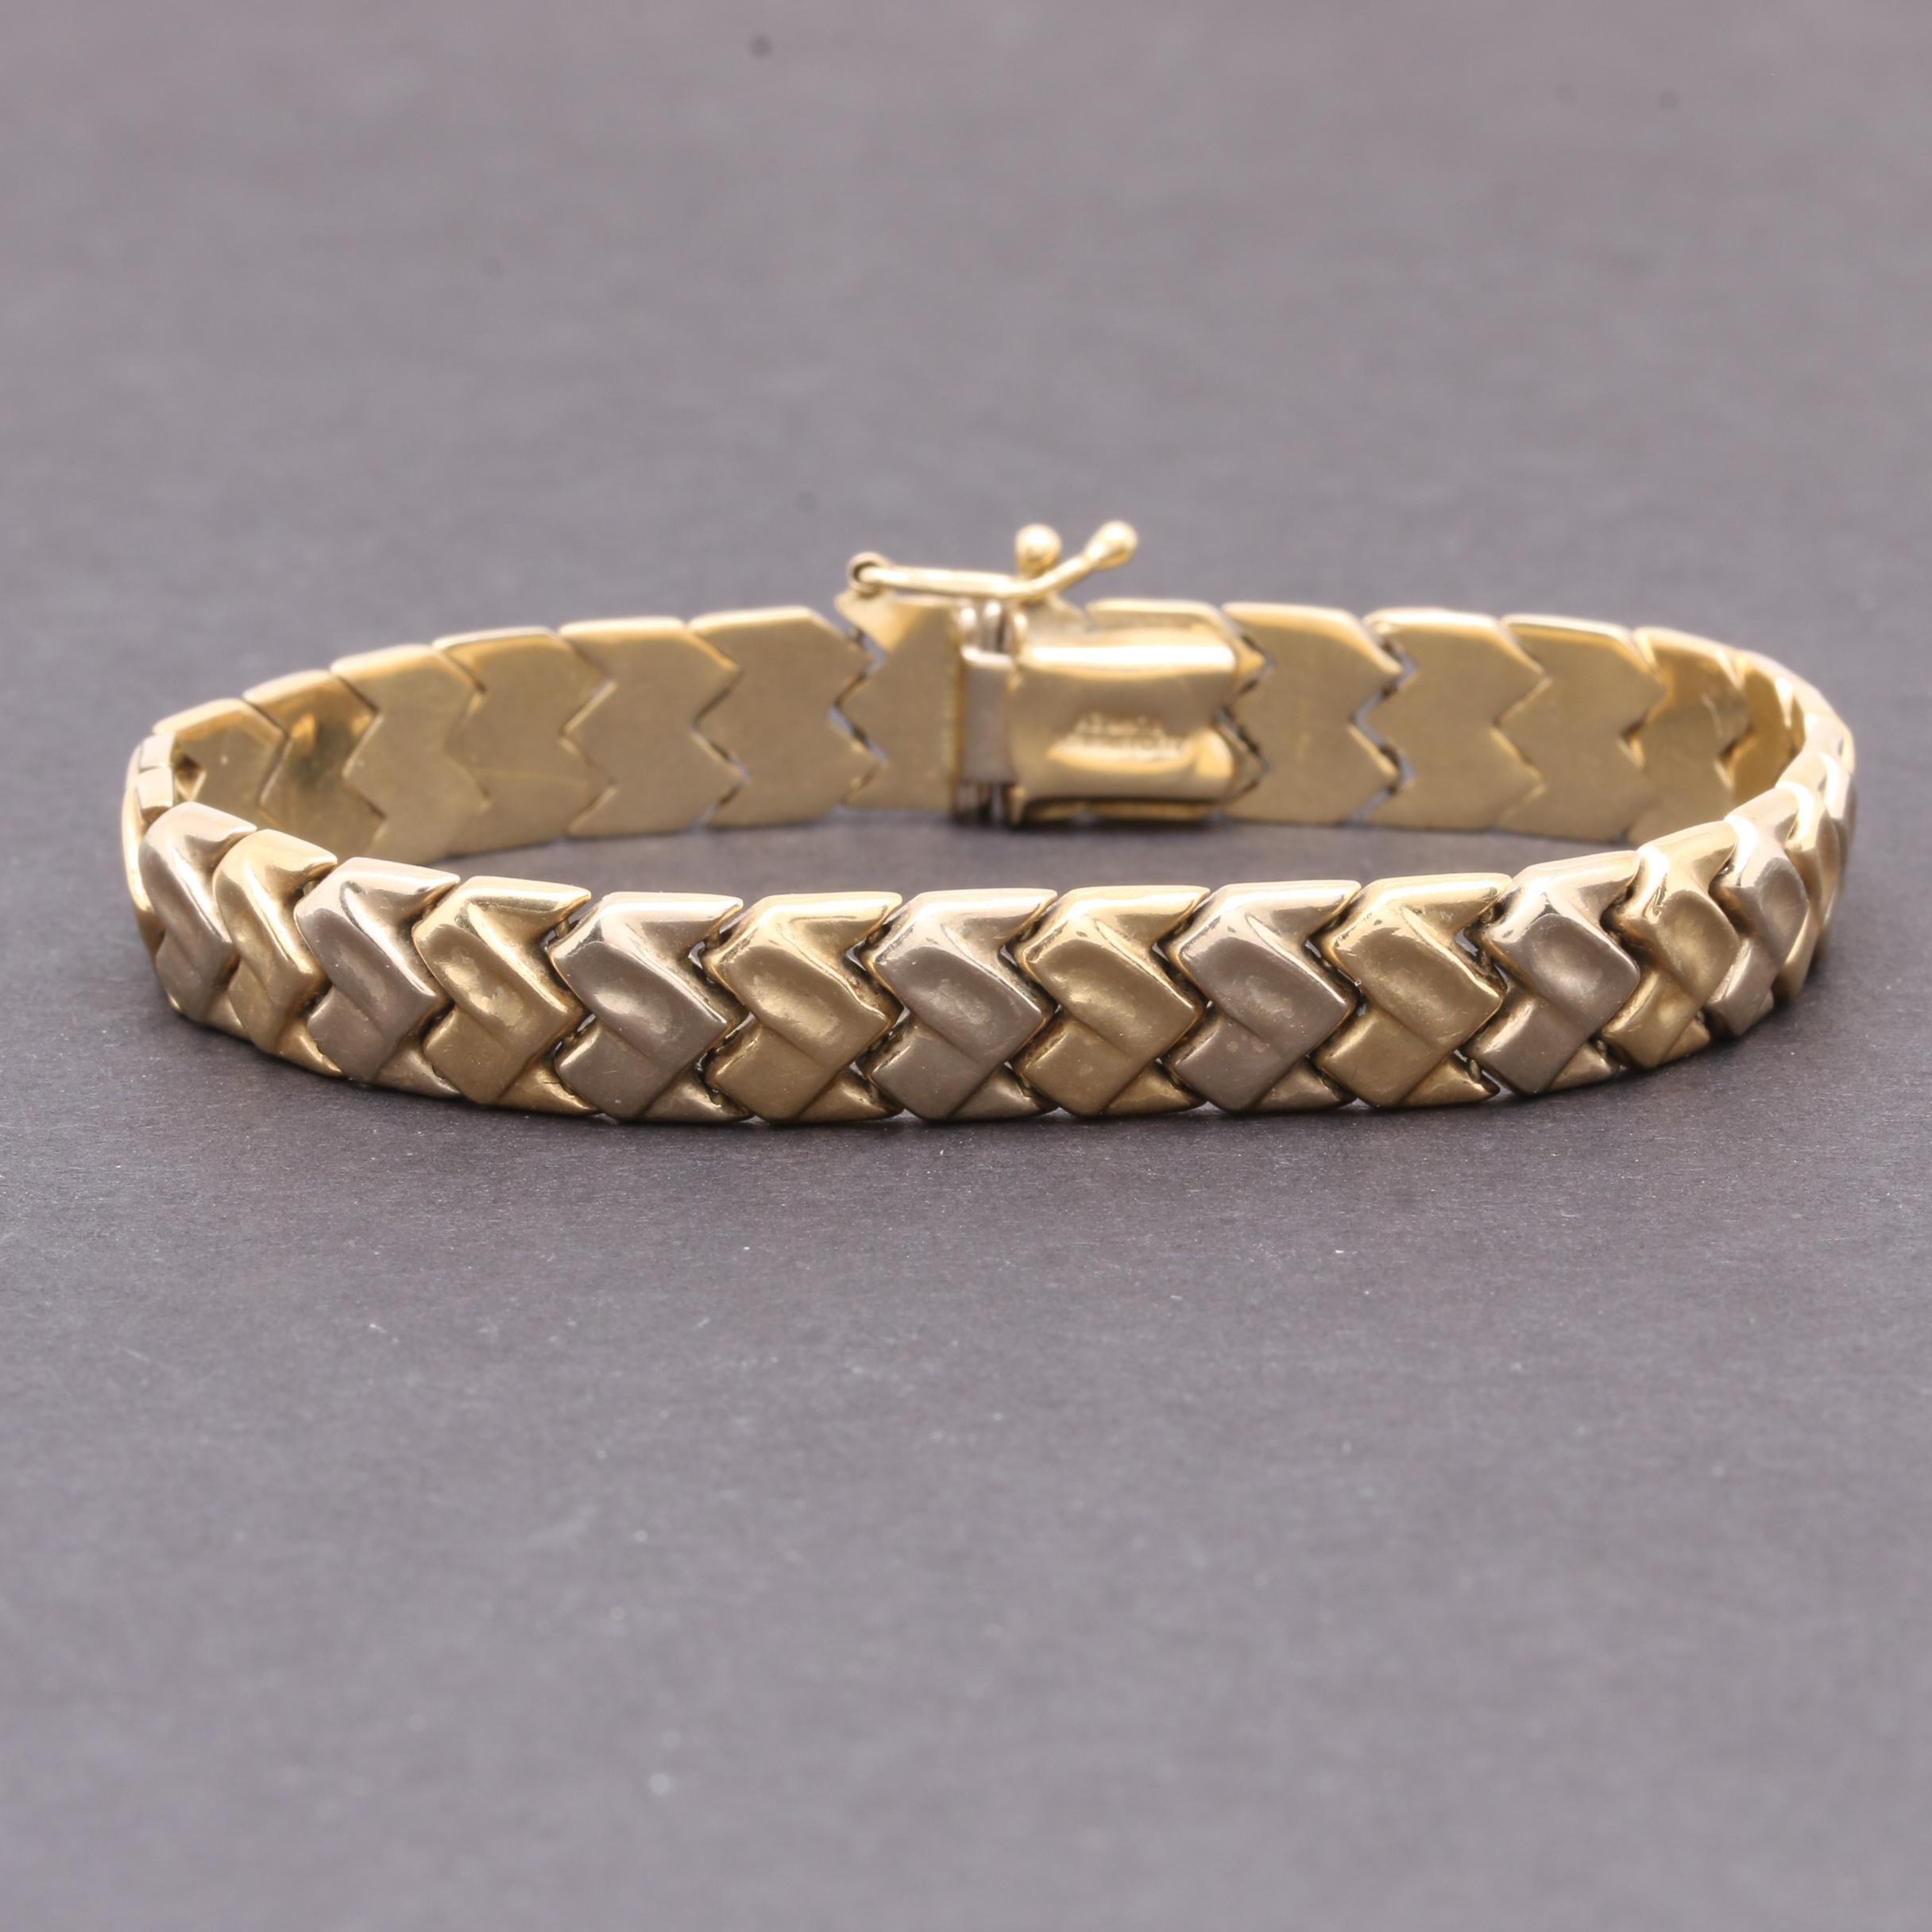 Aurafin 14K Yellow Gold Fancy Link Bracelet